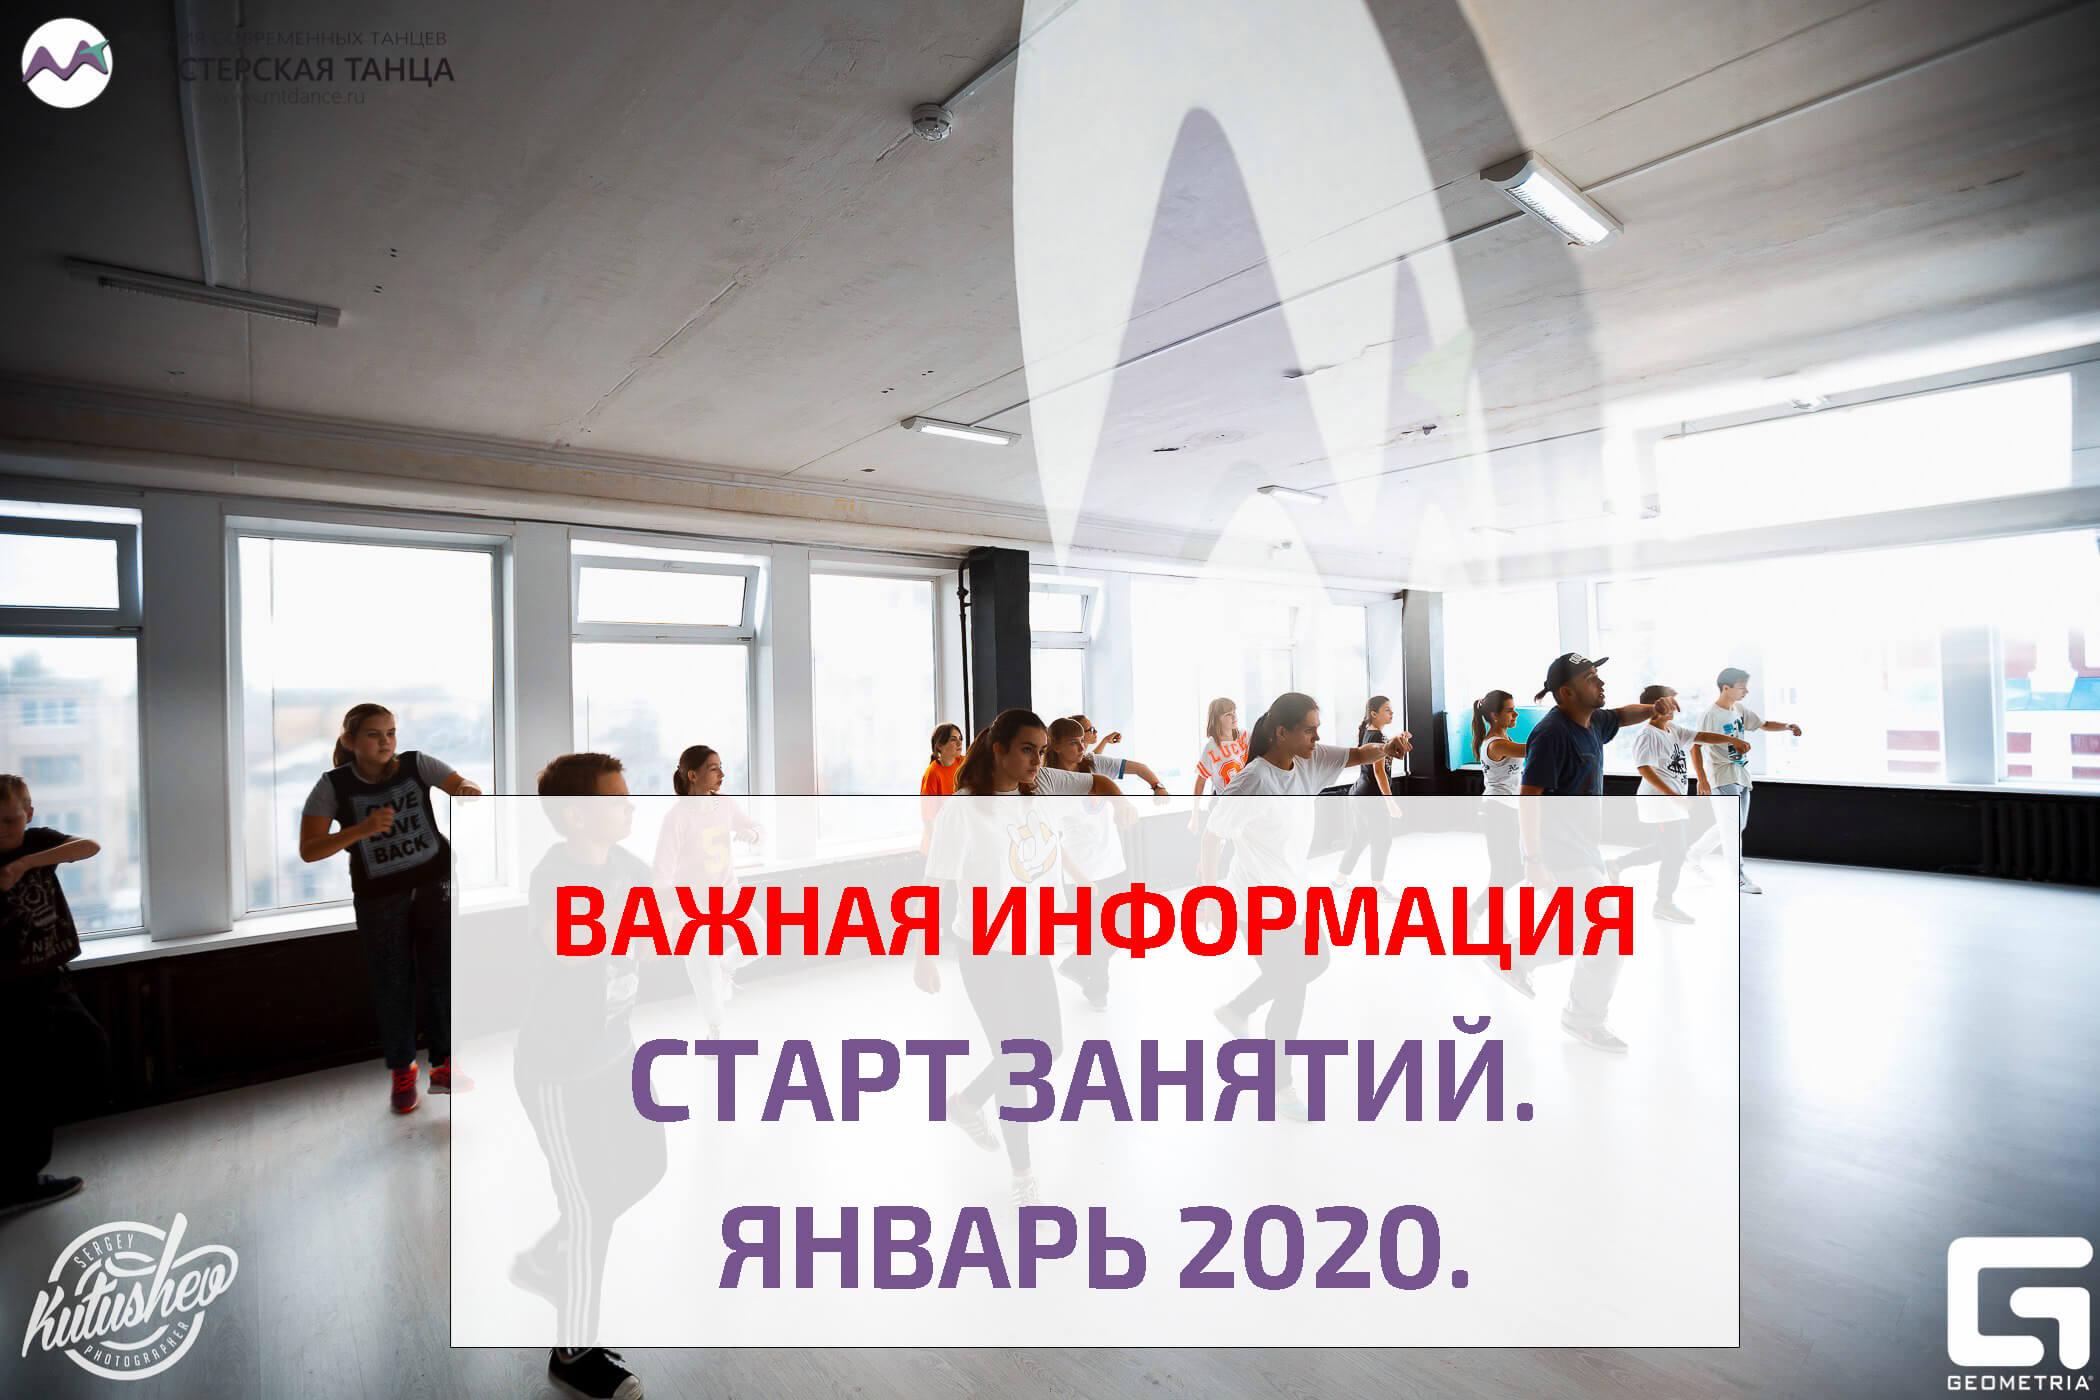 ❗❗❗СТАРТ ЗАНЯТИЙ В ГРУППАХ ❗❗❗ СЕЗОН 2020, ЯНВАРЬ